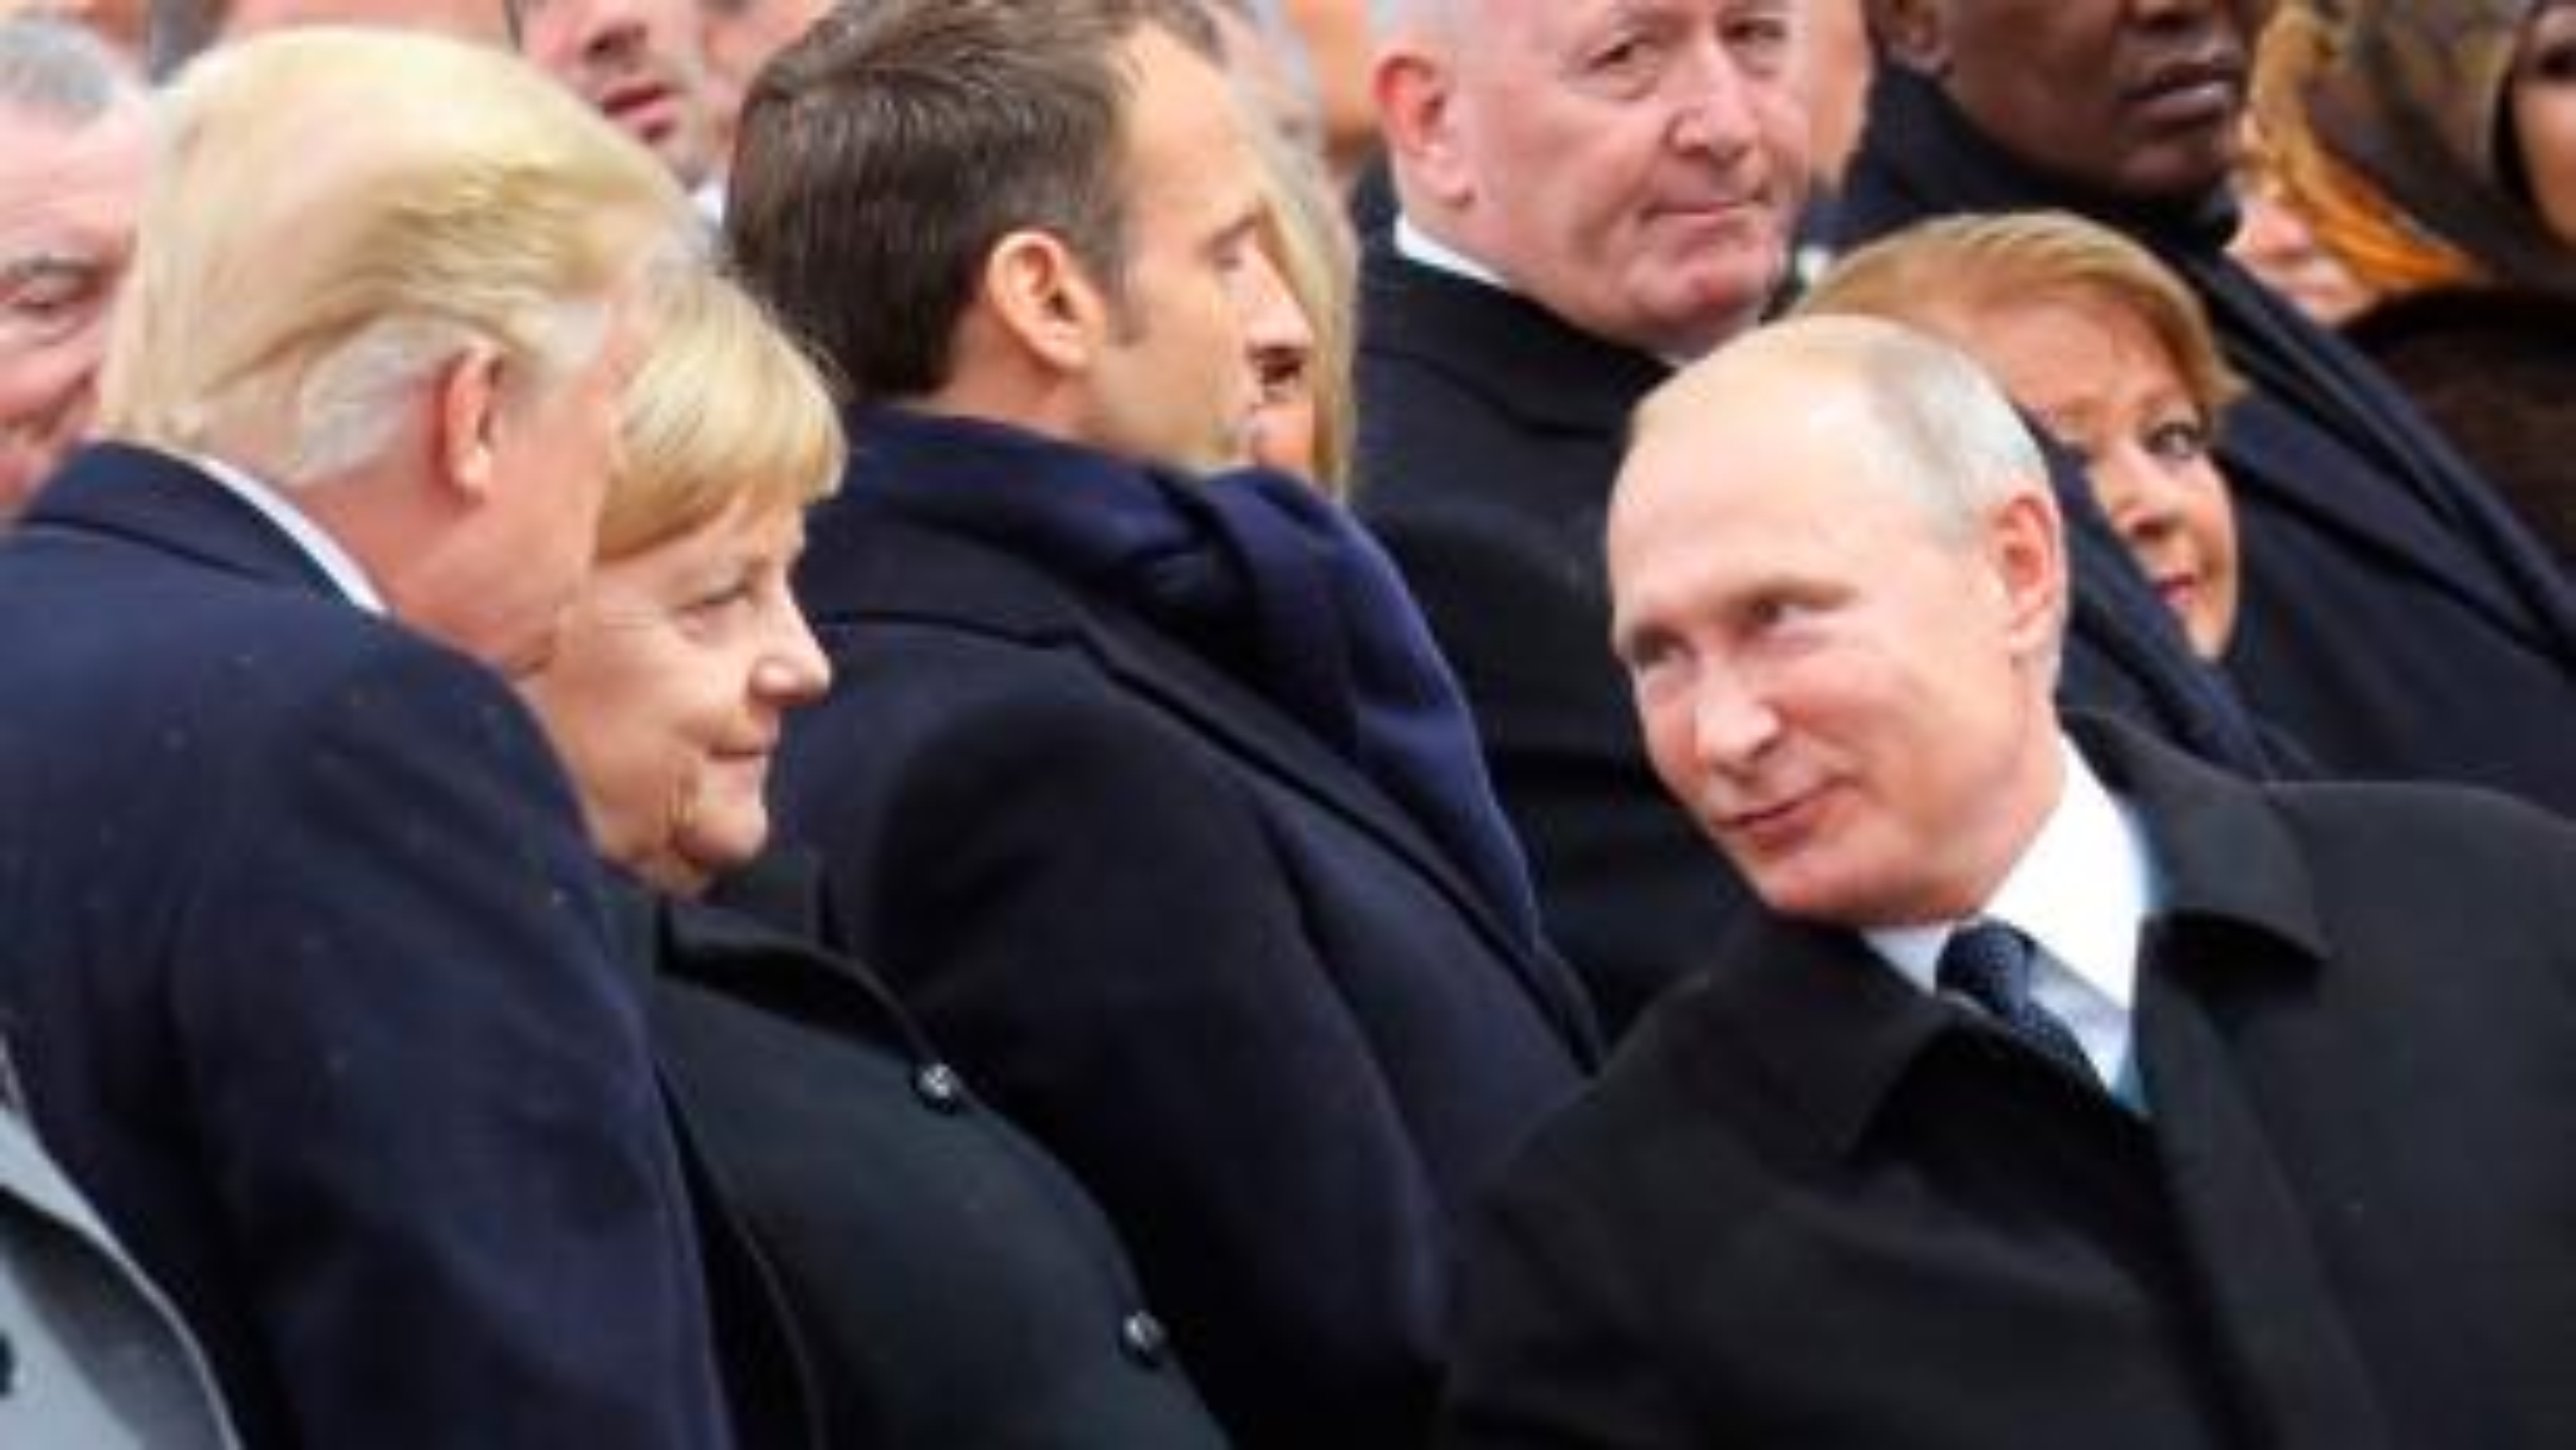 Senate's Russia attack findings